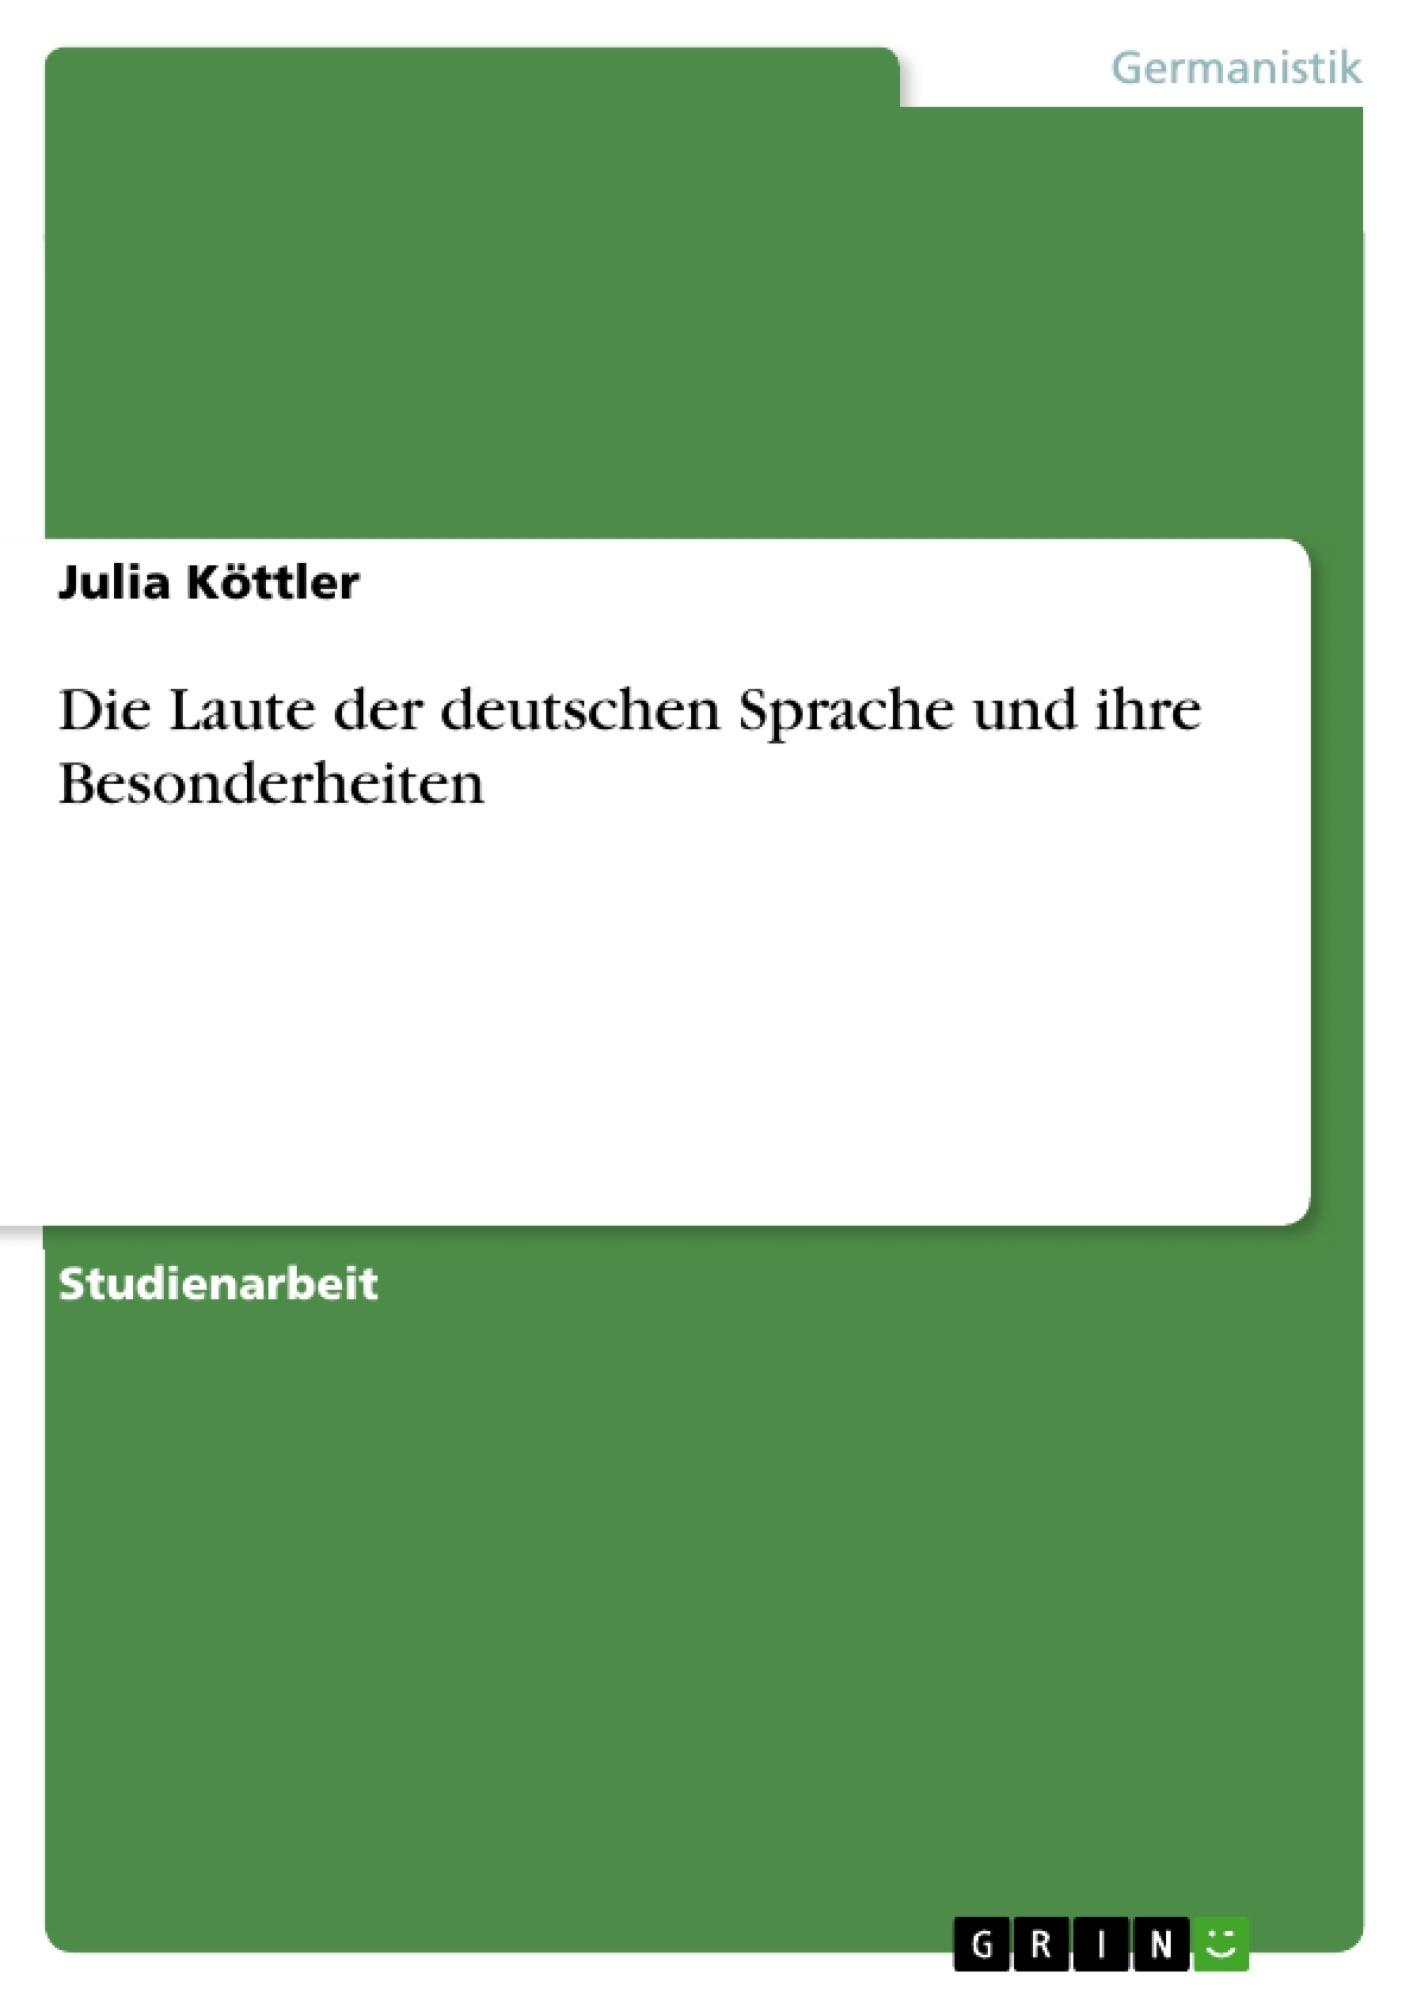 Titel: Die Laute der deutschen Sprache und ihre Besonderheiten